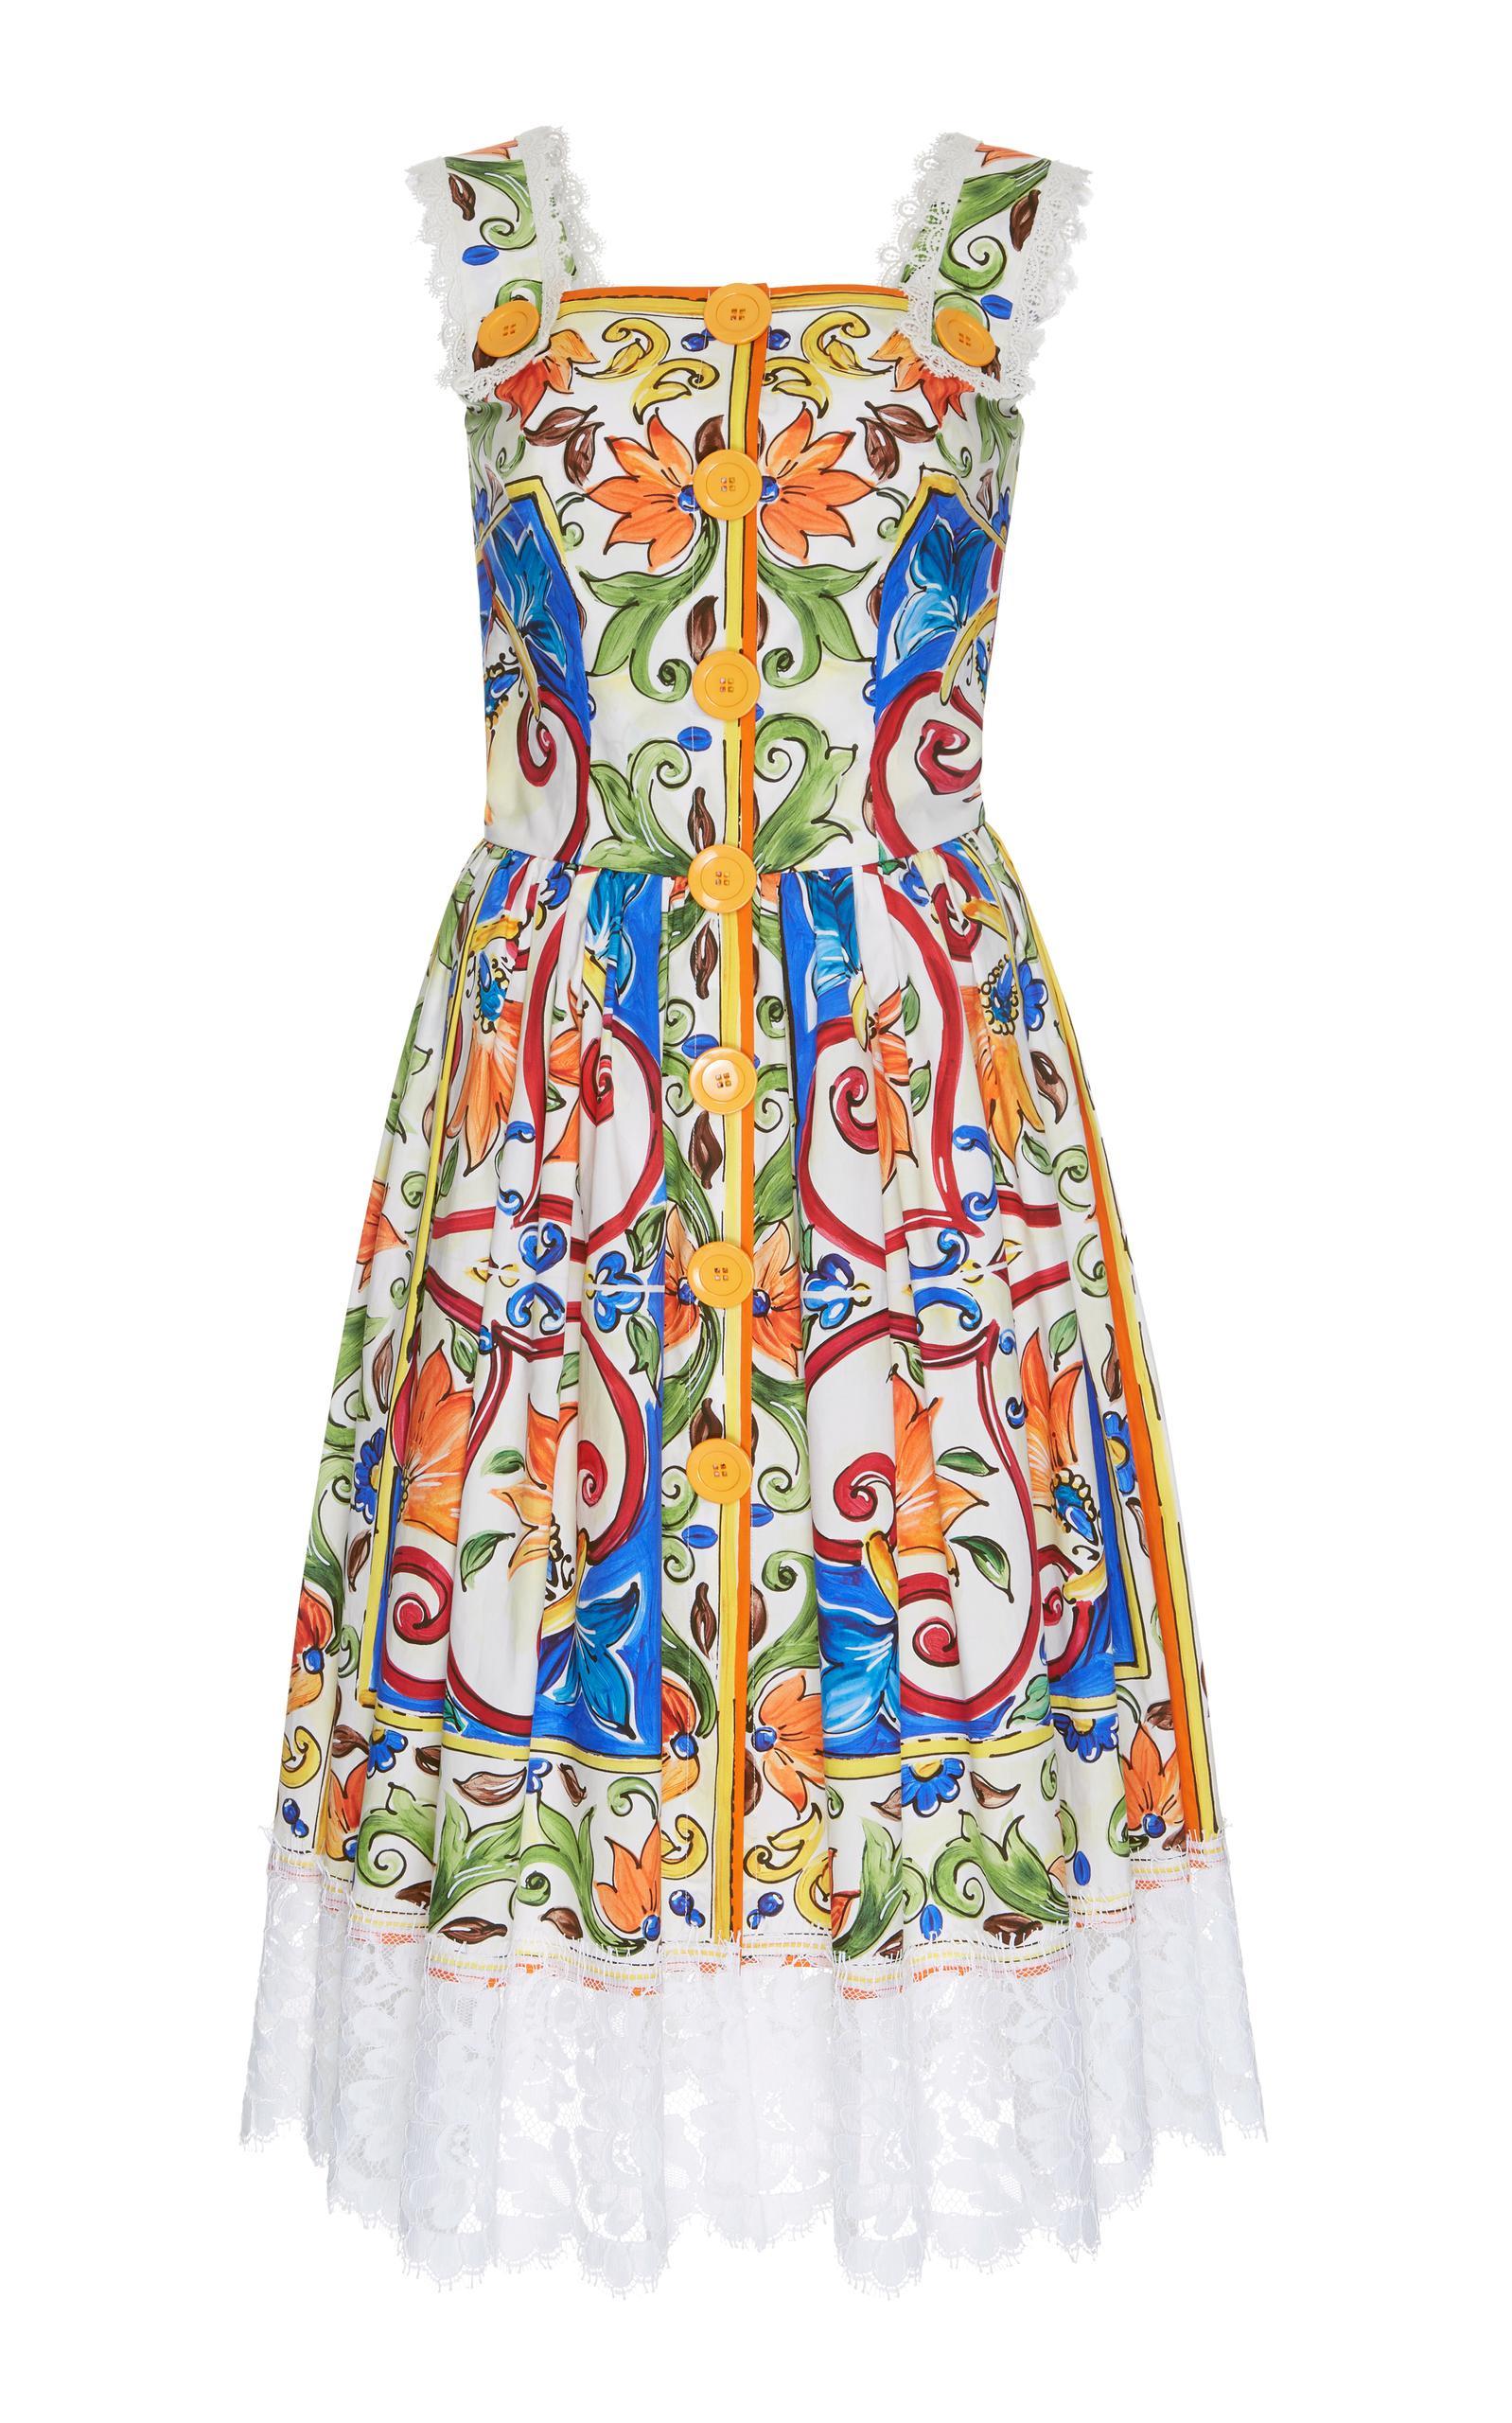 Dolce & Gabbana Majolica-Print Square-Neck Cotton-Blend Dress In Multicoloured